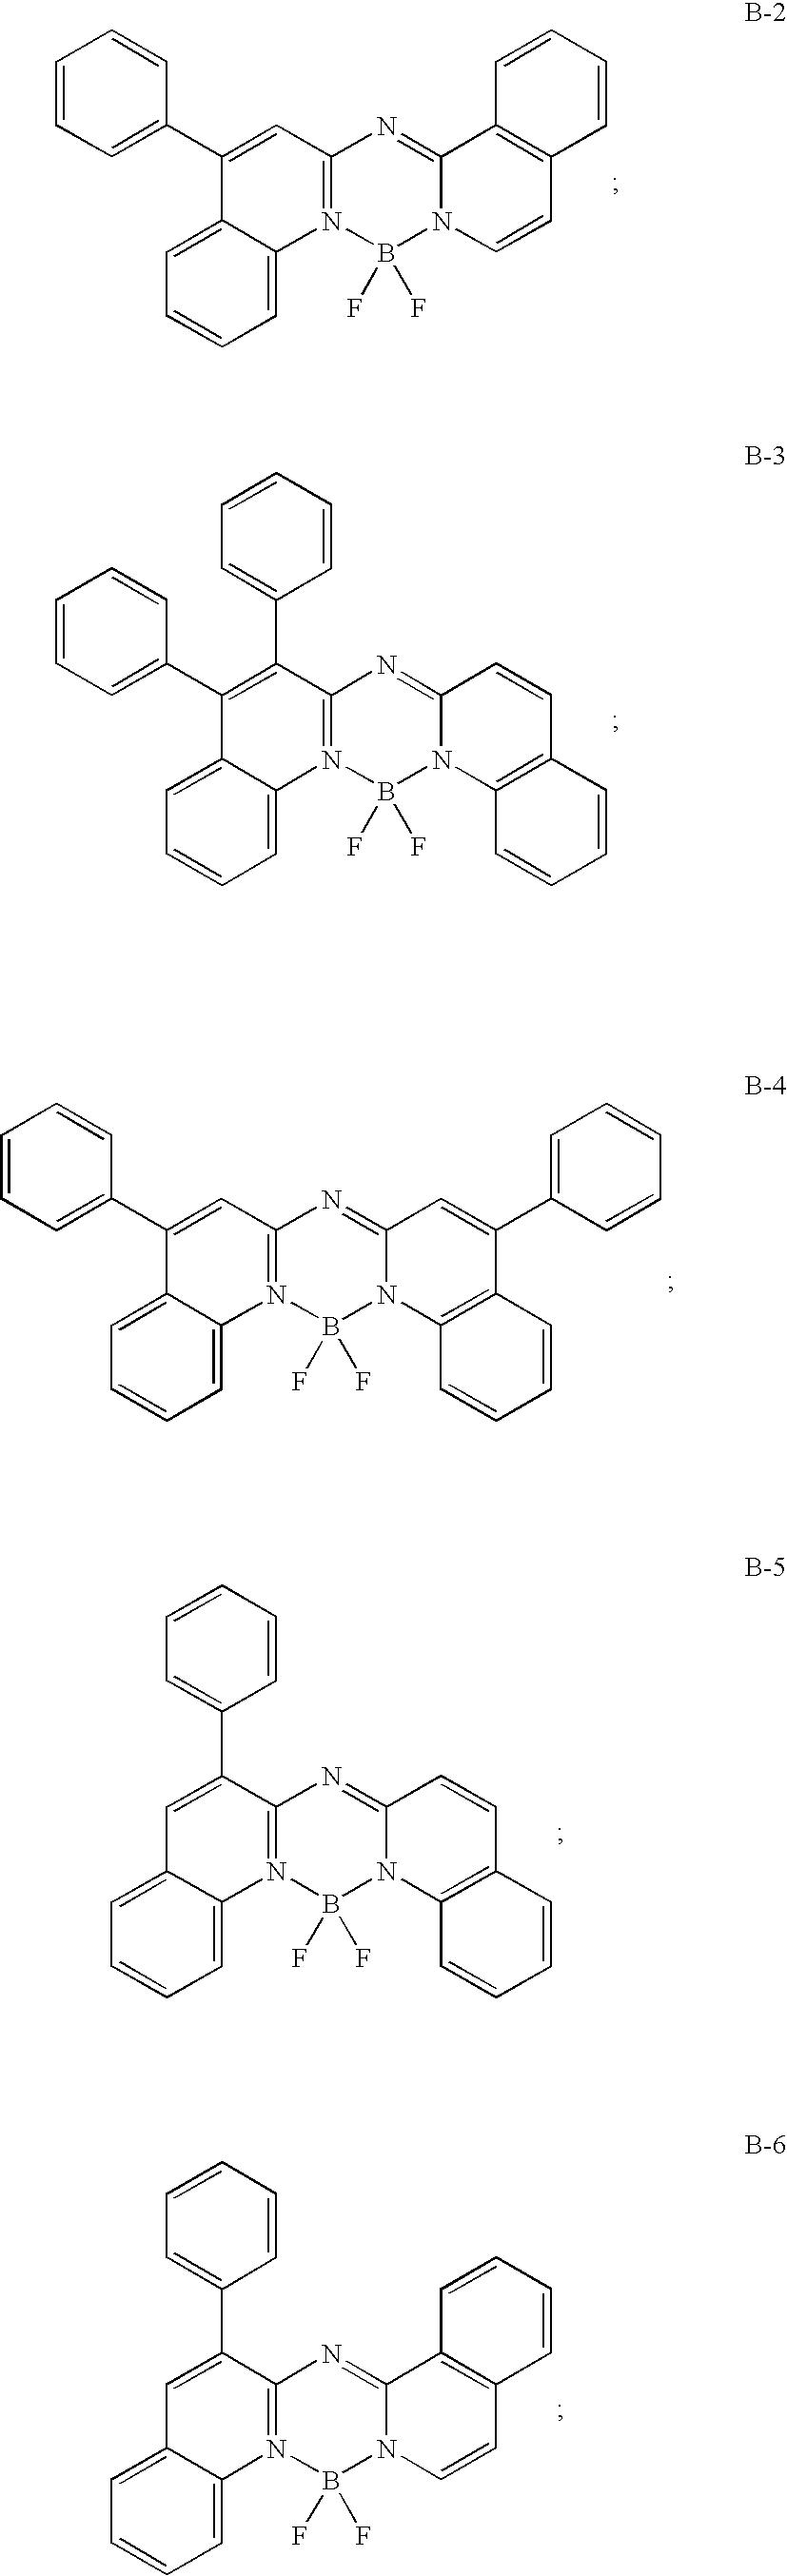 Figure US20040058193A1-20040325-C00006